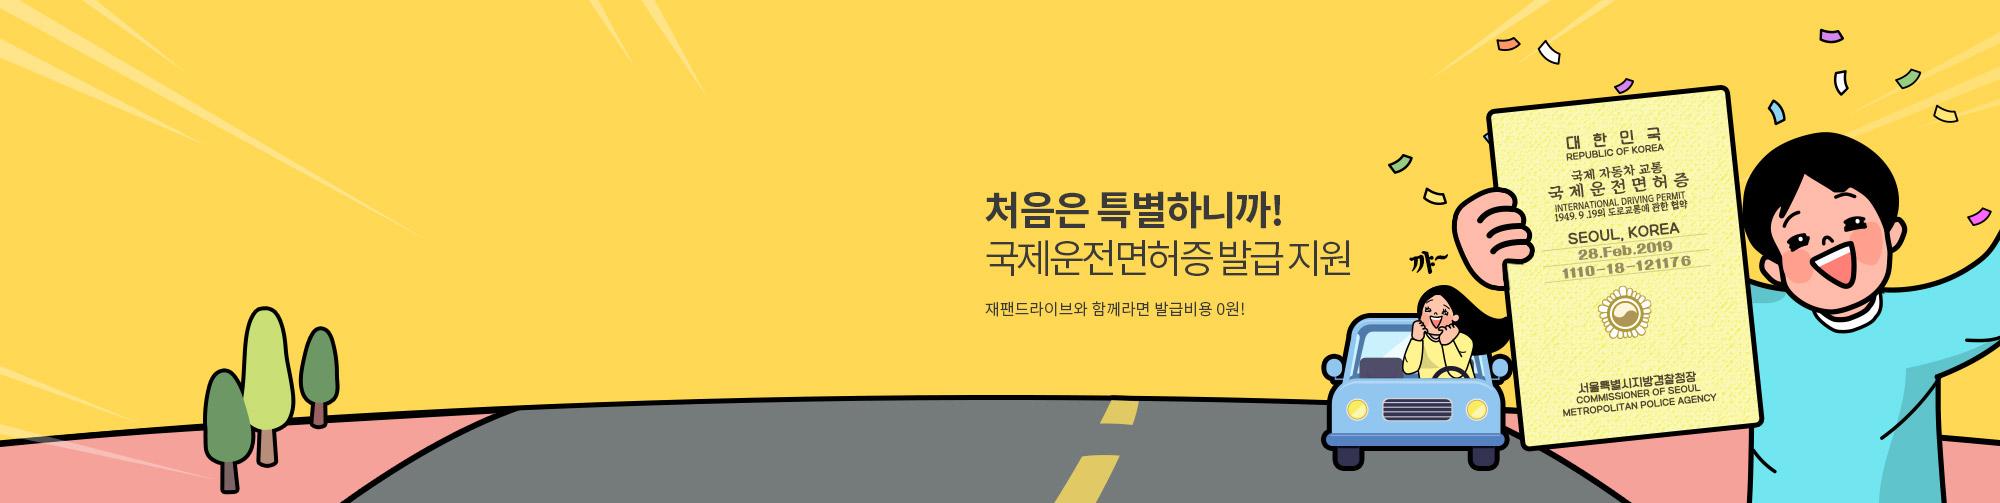 국제운전면허증 페이백 이벤트!!